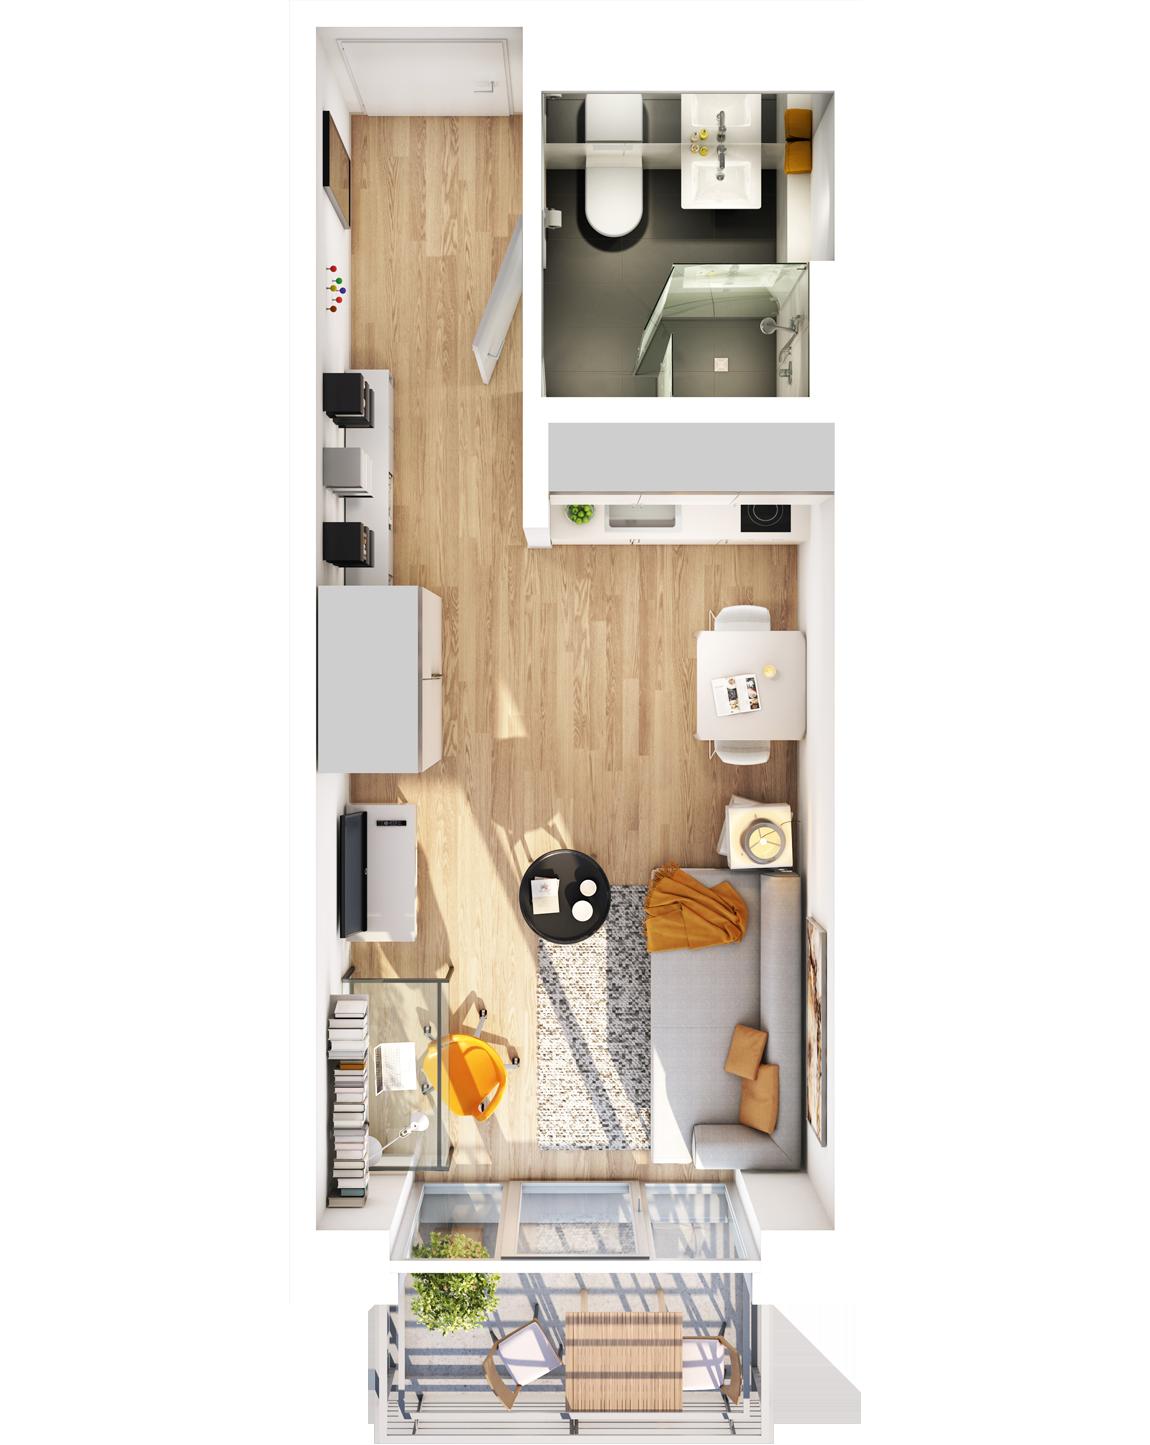 Visualisierung Beispiel 1-Zimmer-Wohnung Typ B mit Bad, Küchenzeile, Wohnbereich und Balkon im studiosus 5 Apartmenthaus in Augsburg